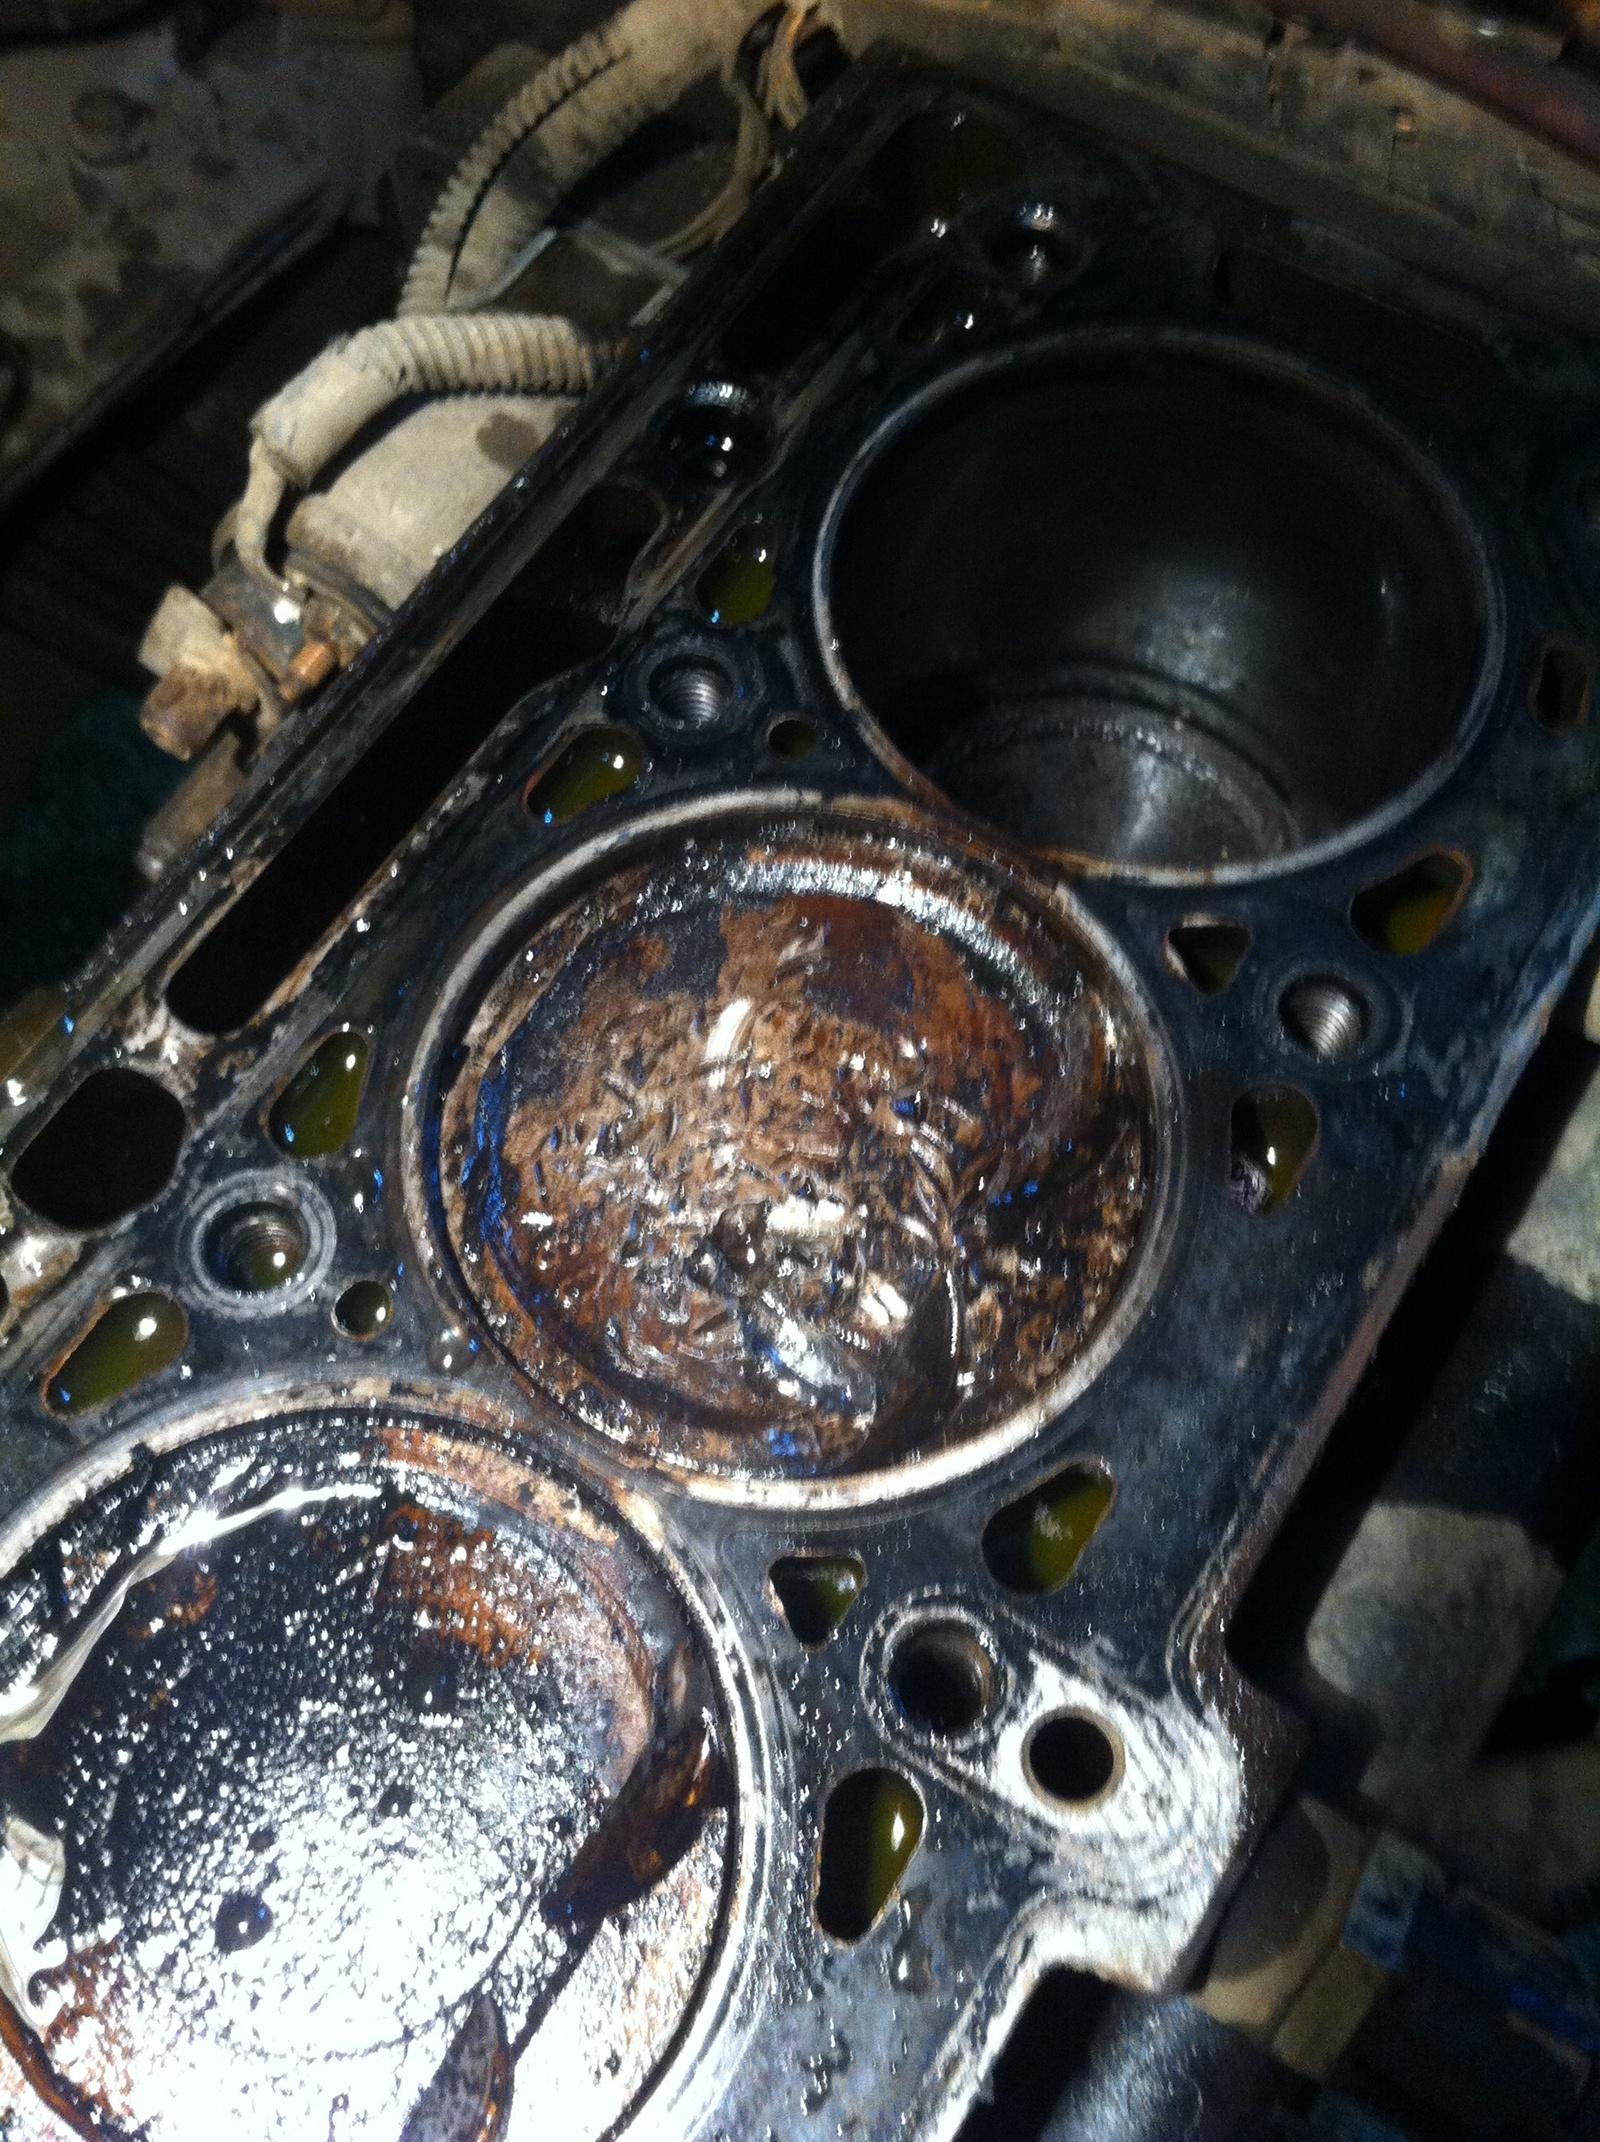 Последствия течи сальника к в Последствия течи сальника к в Ремонт рено Пашапашет автосервис ремонт ДВС